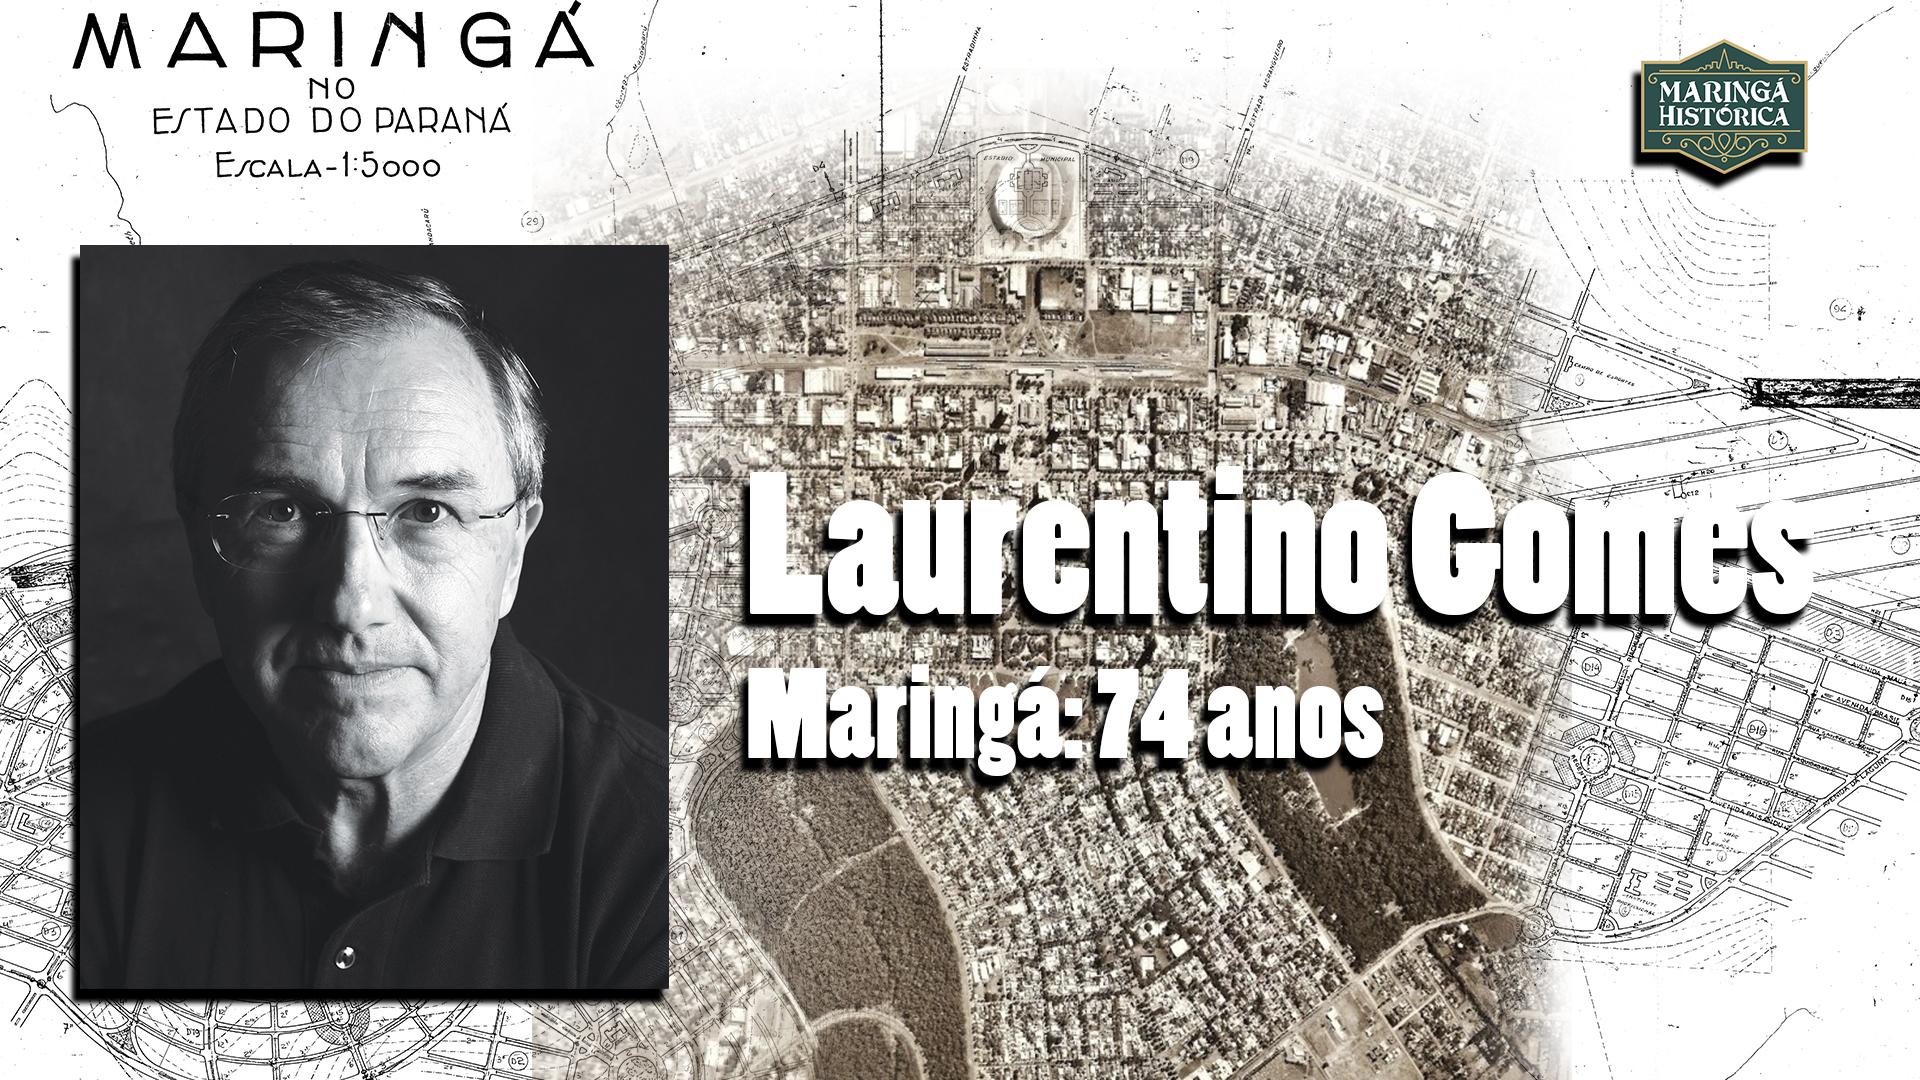 Homenagem de Laurentino Gomes aos 74 anos de Maringá